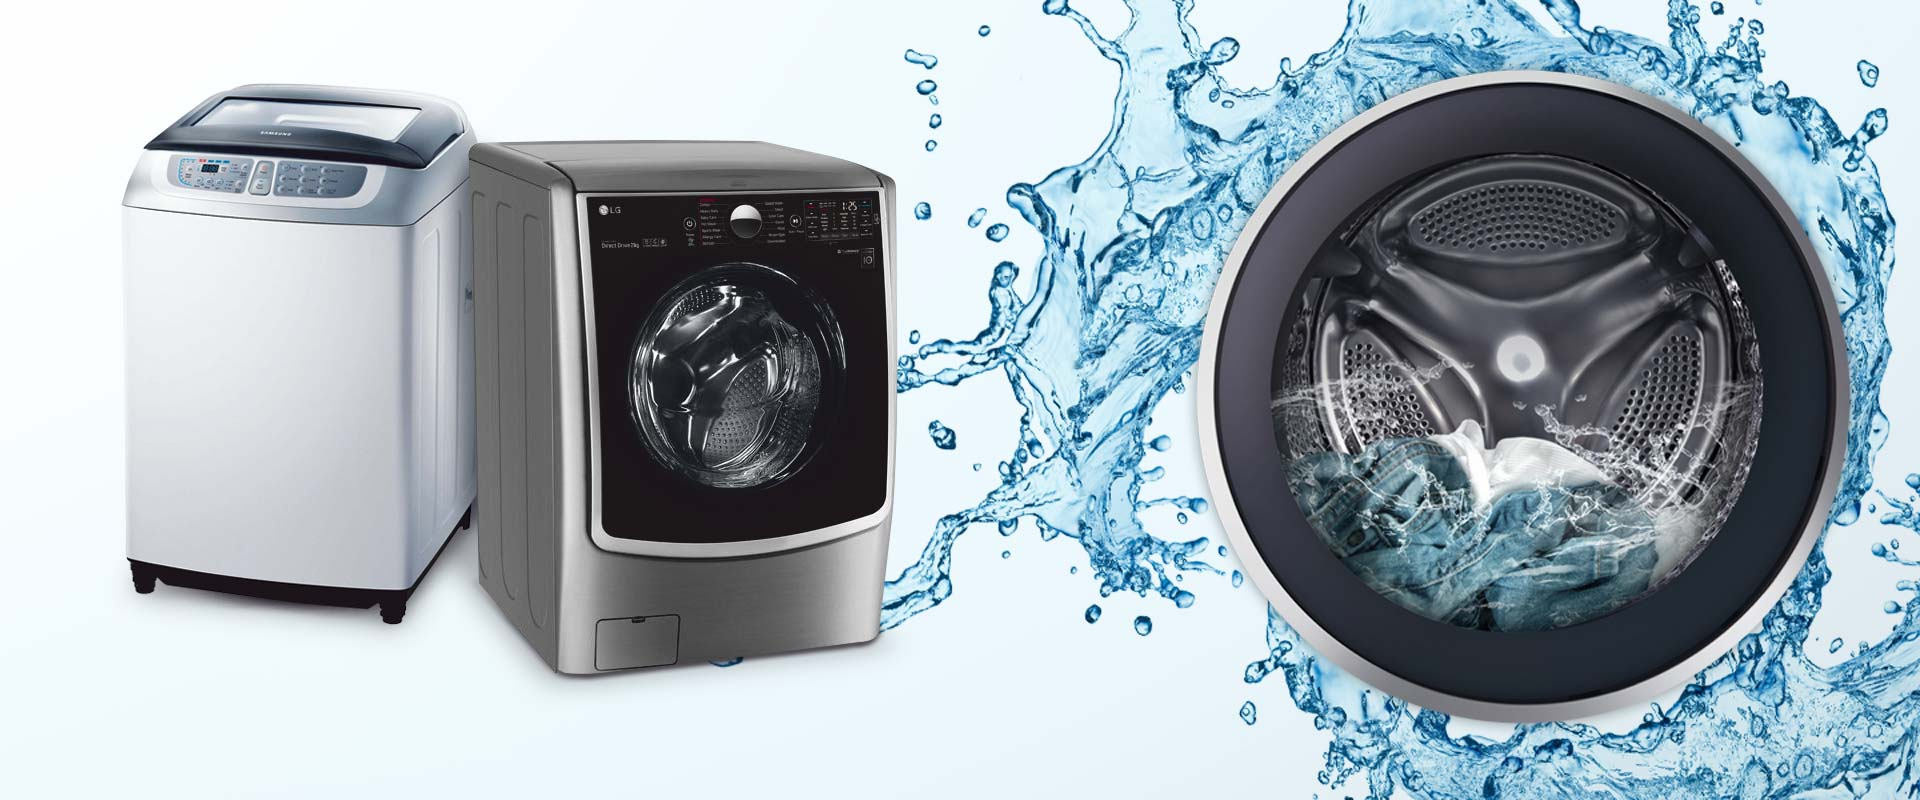 گرم نبودن آب در ماشین لباسشویی